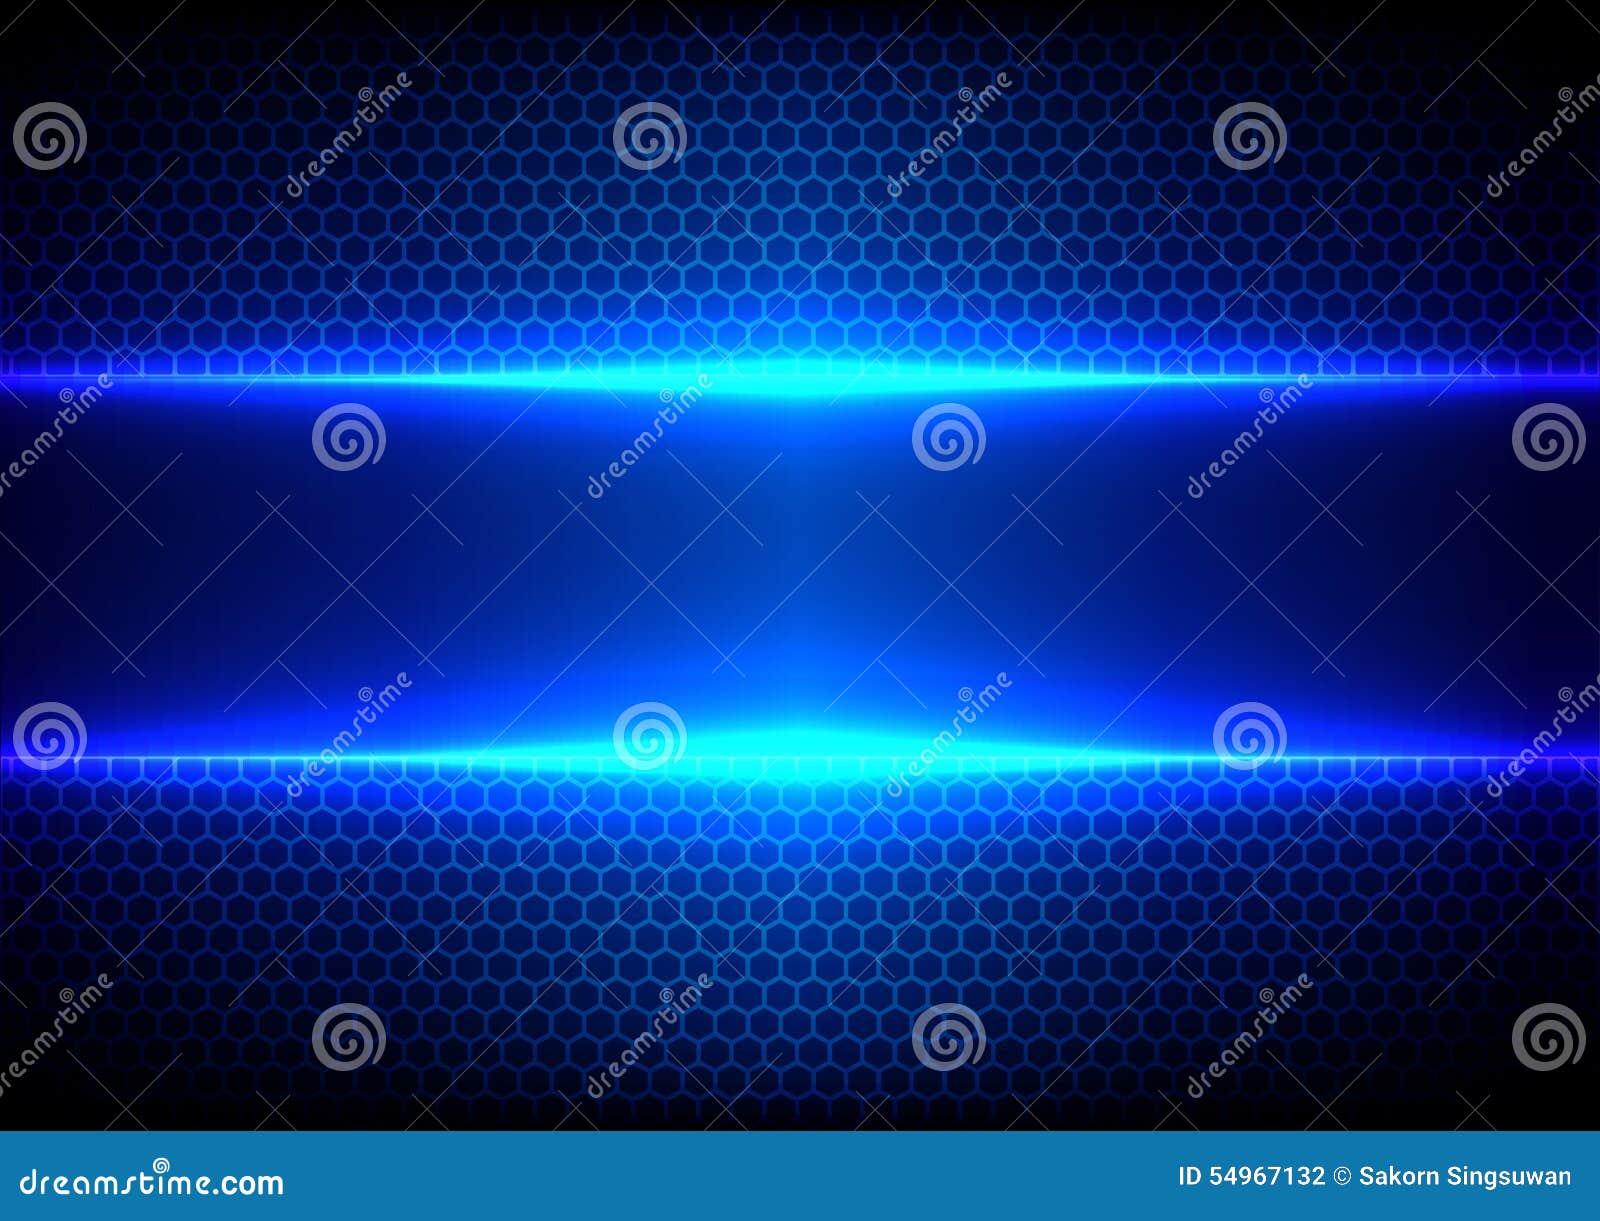 Blue Technology: Abstract Hex Light Blue Effect Blue Technology Stock